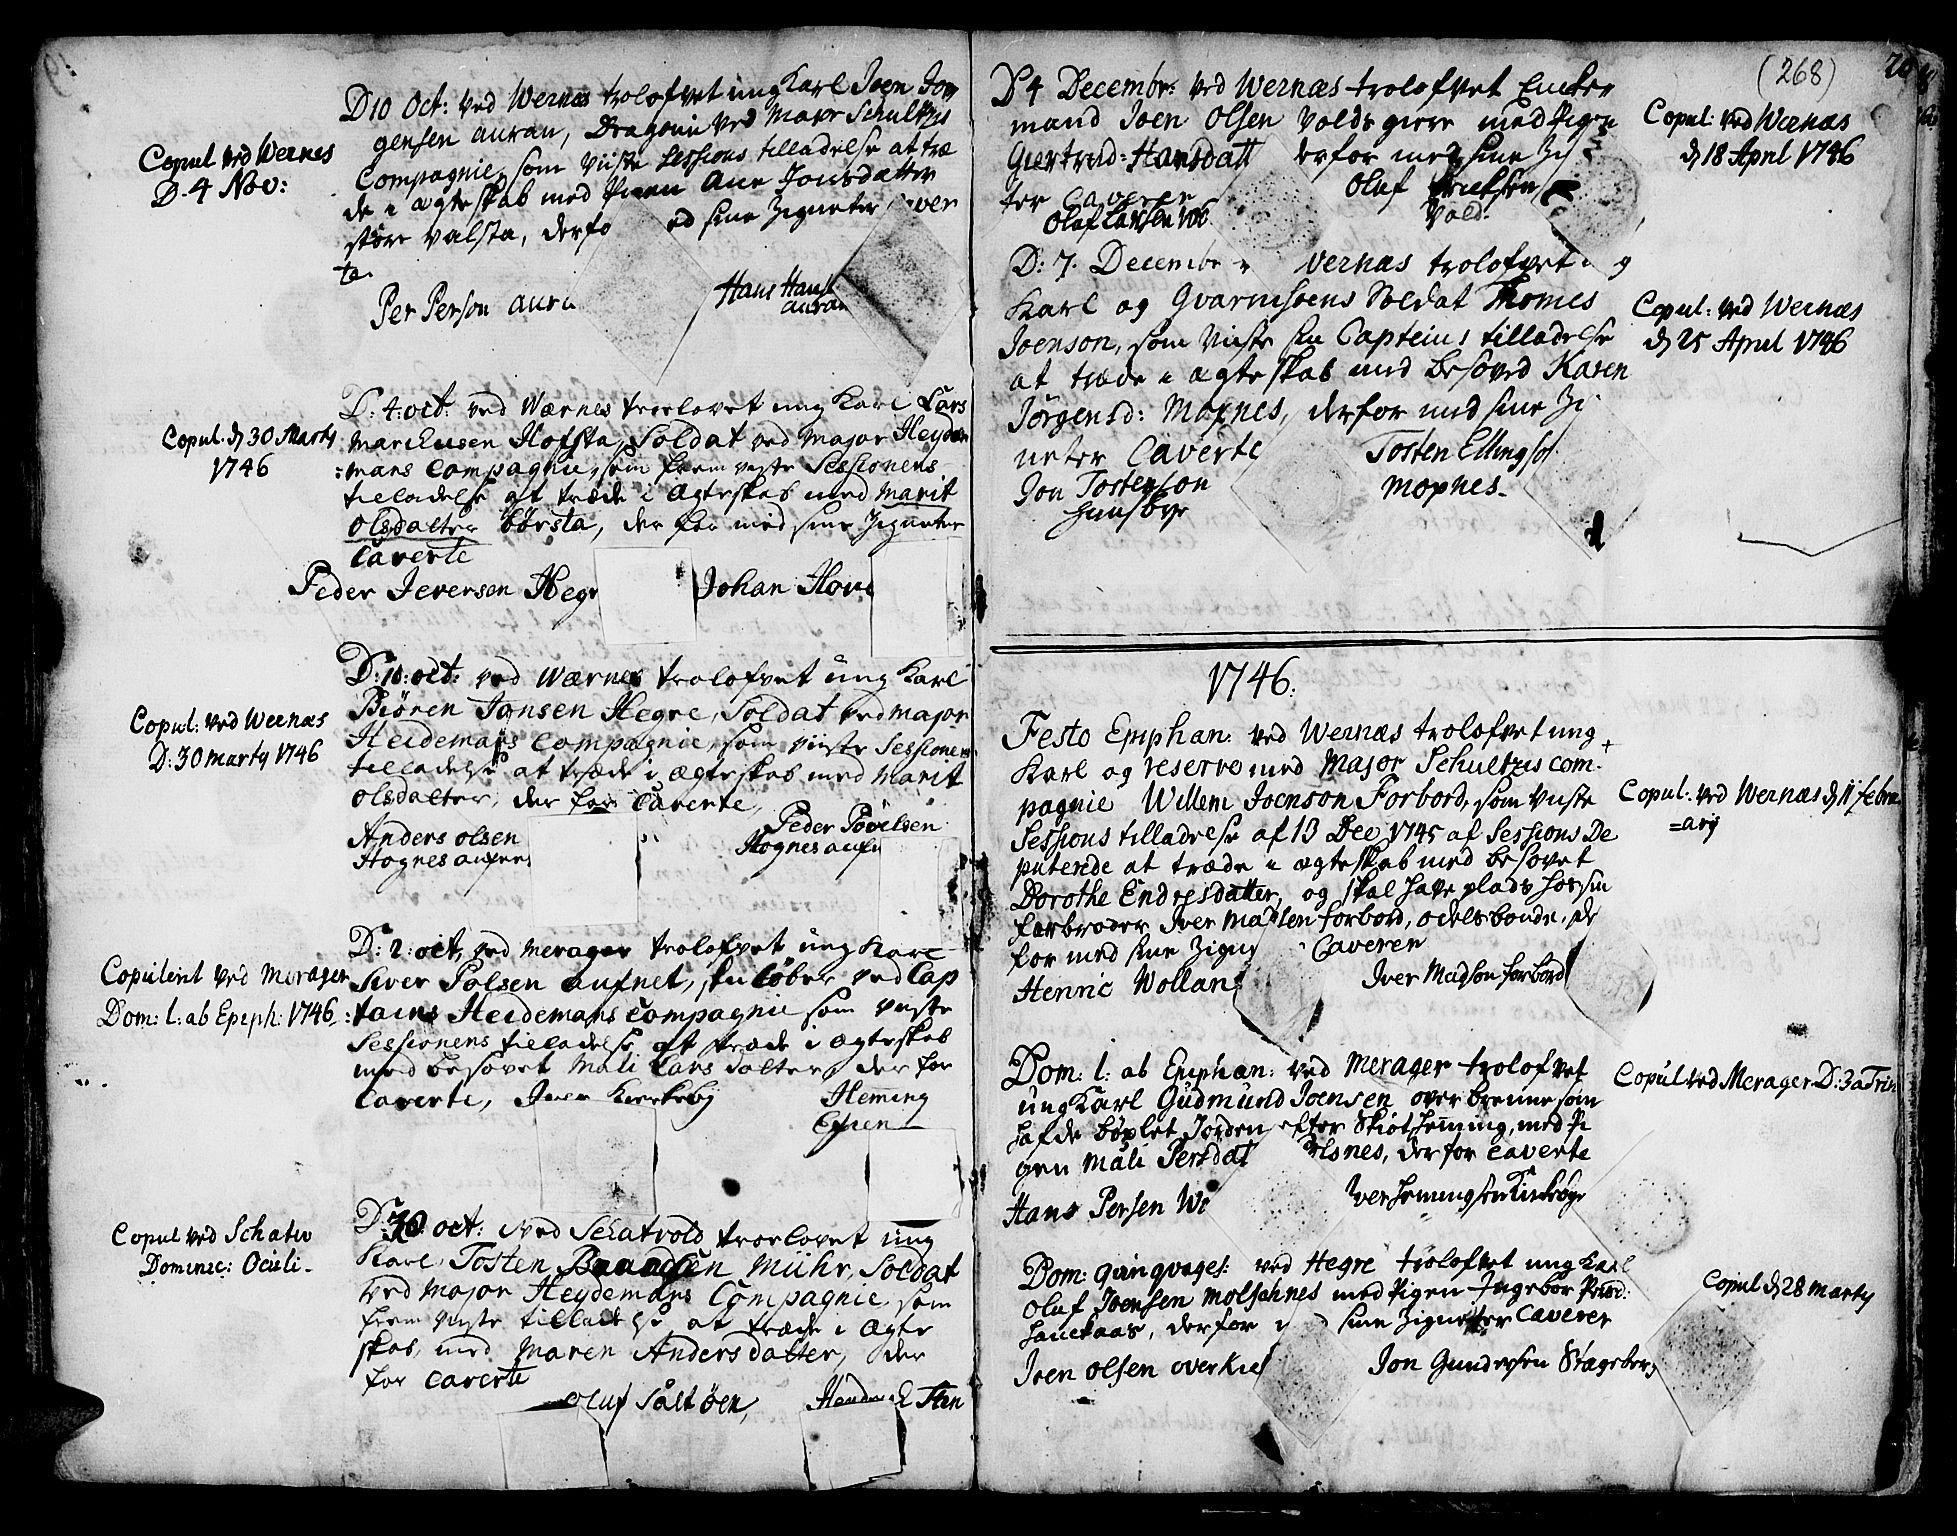 SAT, Ministerialprotokoller, klokkerbøker og fødselsregistre - Nord-Trøndelag, 709/L0056: Ministerialbok nr. 709A04, 1740-1756, s. 268